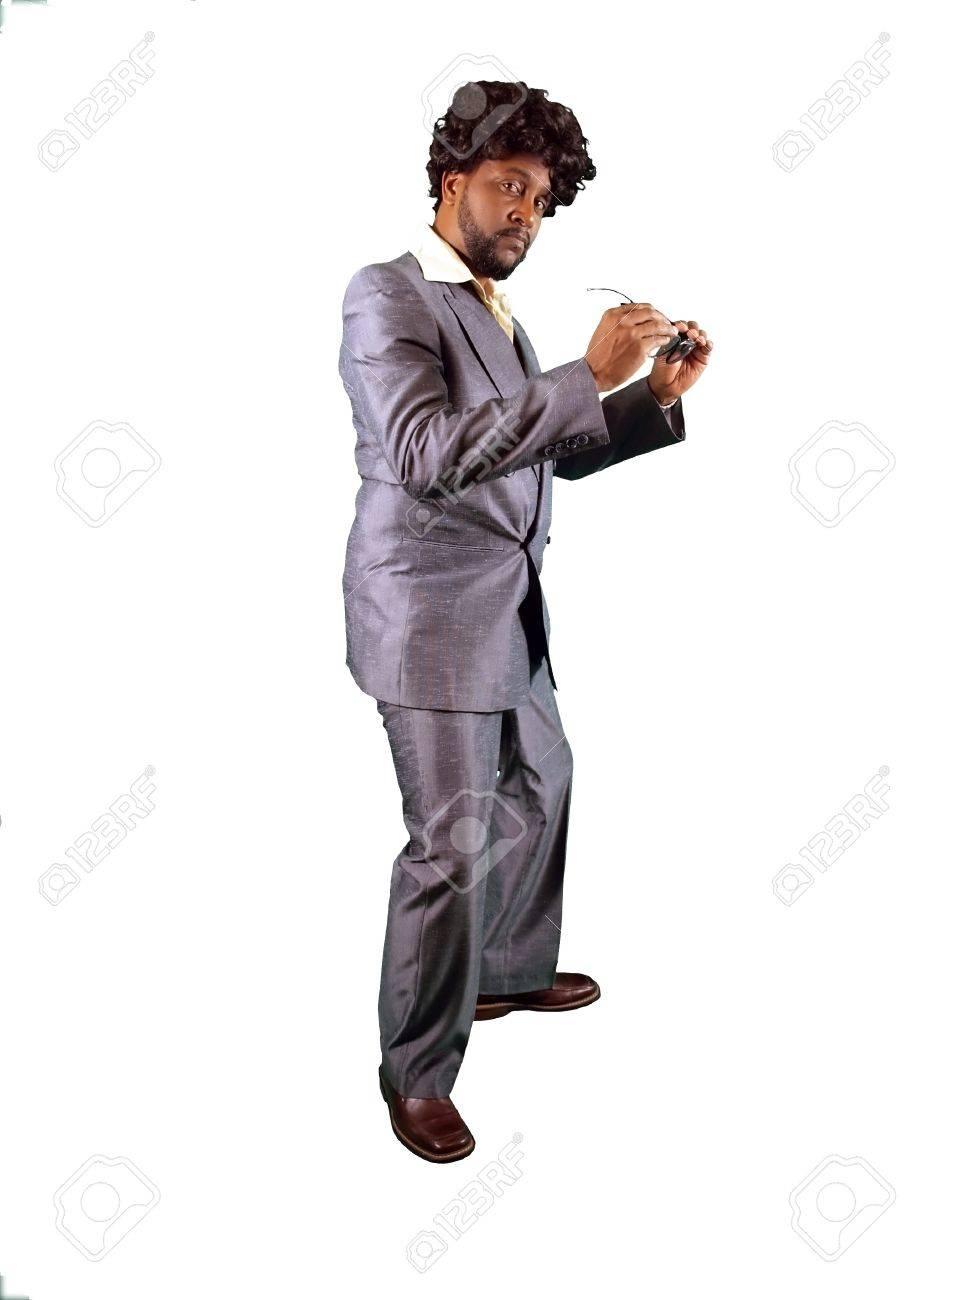 super popular ac1f8 d0e74 Un uomo vestito con un abito retrò anni '70 in stile pimp